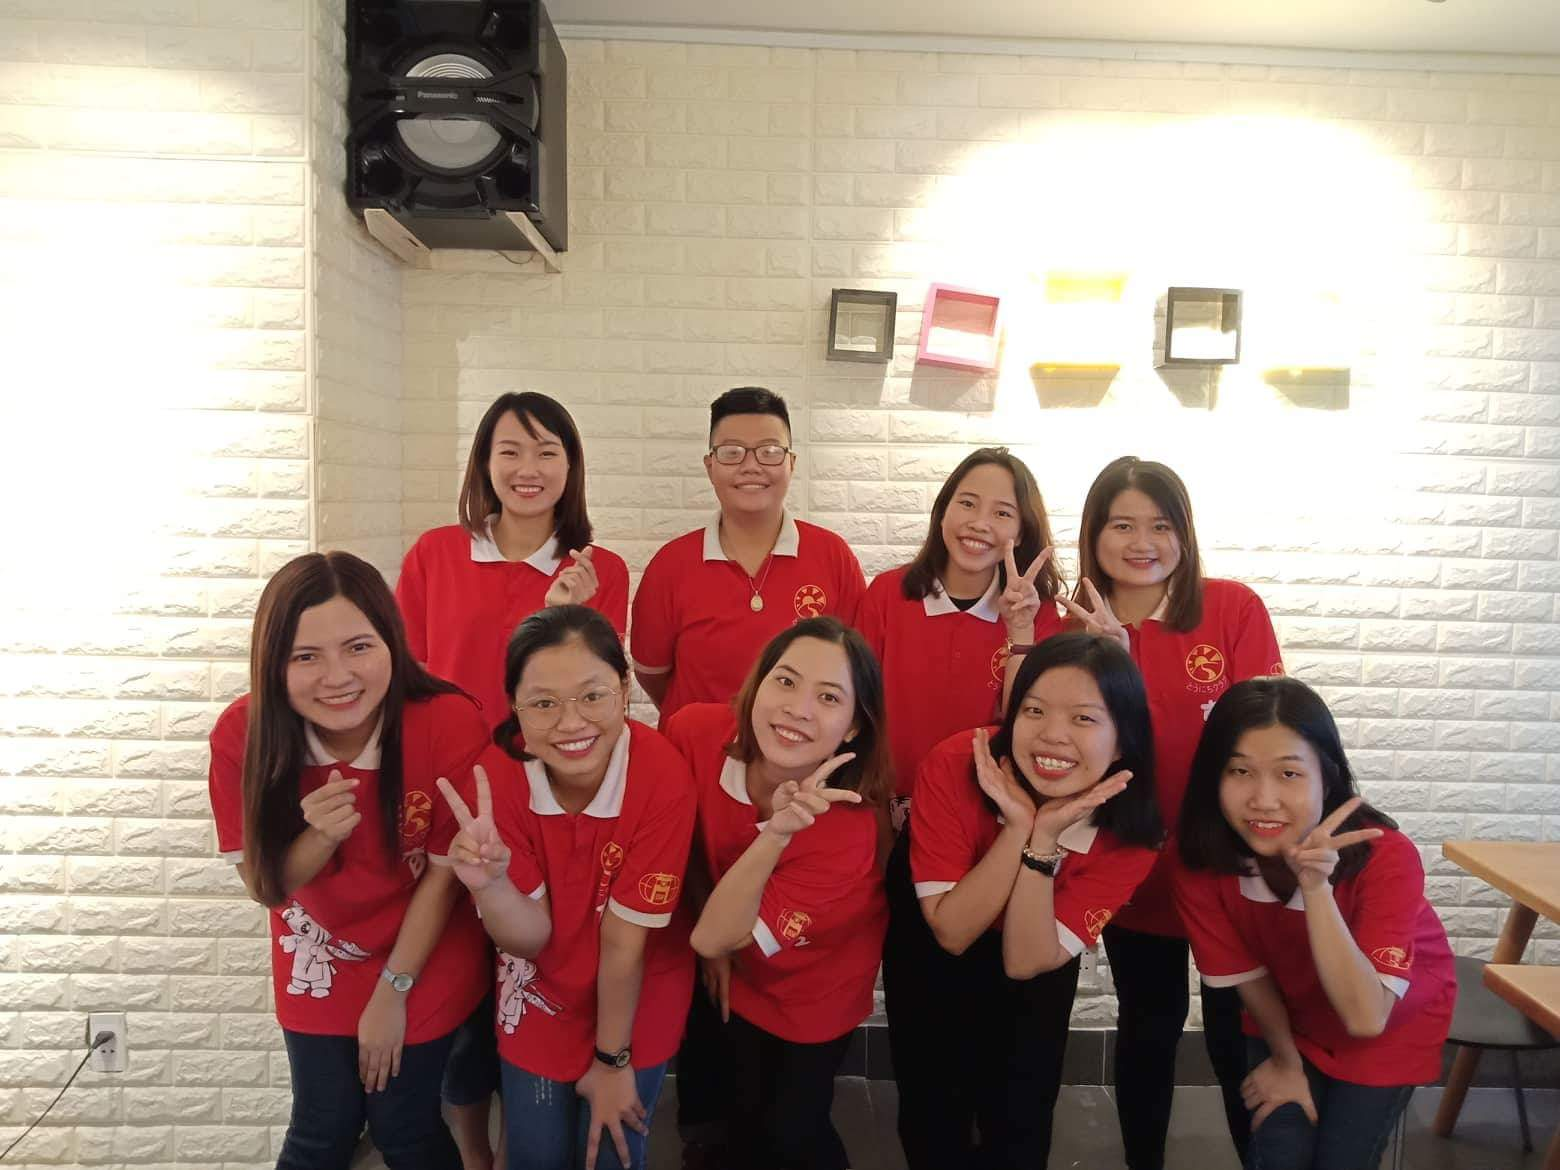 日本語を学ぶベトナム人と日本人の交流サークル【東日クラブ】